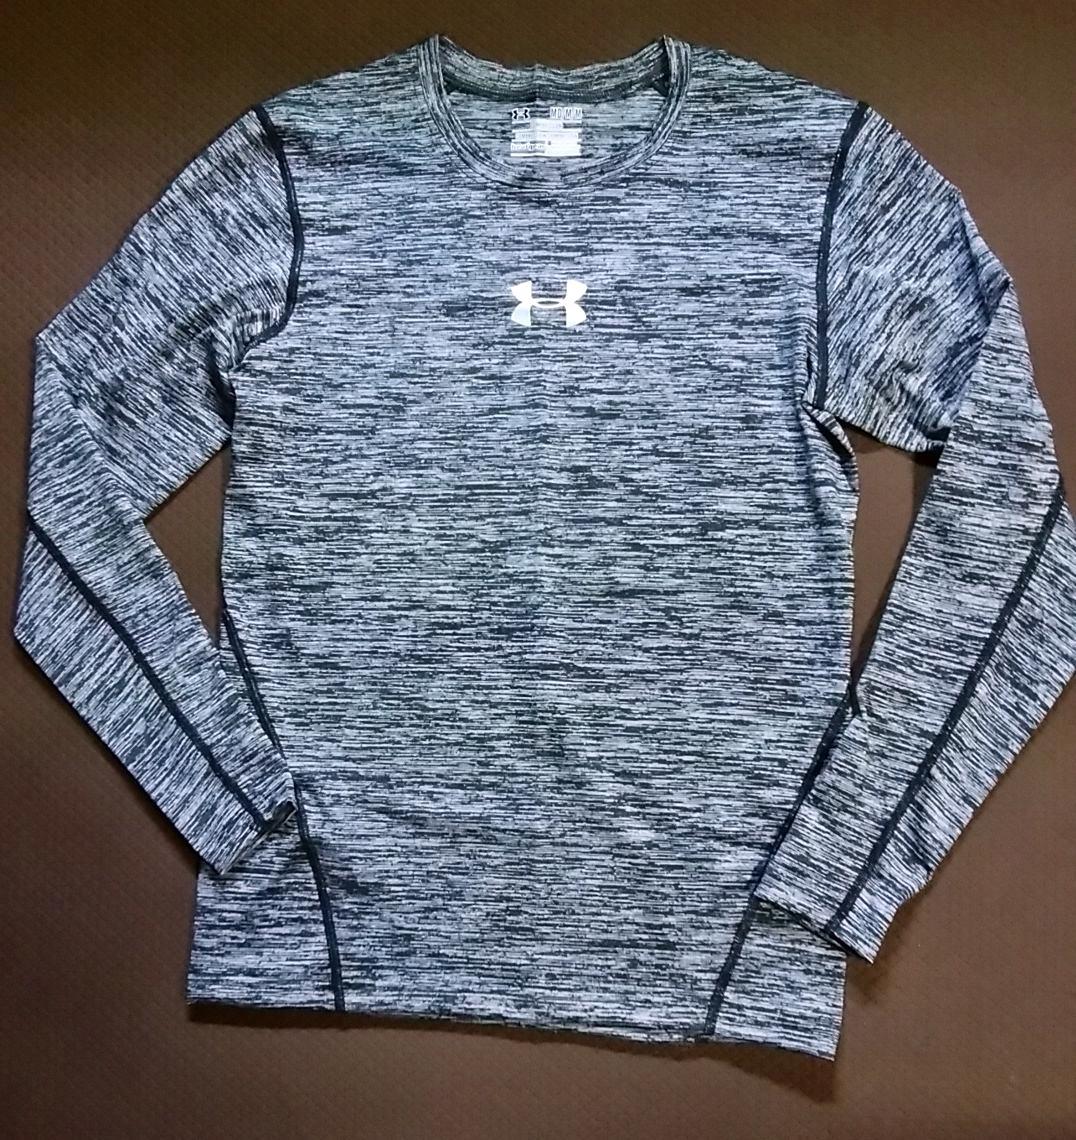 【サイズXL】 送料込 アンダーアーマー コンプレッション 長袖 ヒートギア (UA ランニング フィットネス Tシャツ インナー )